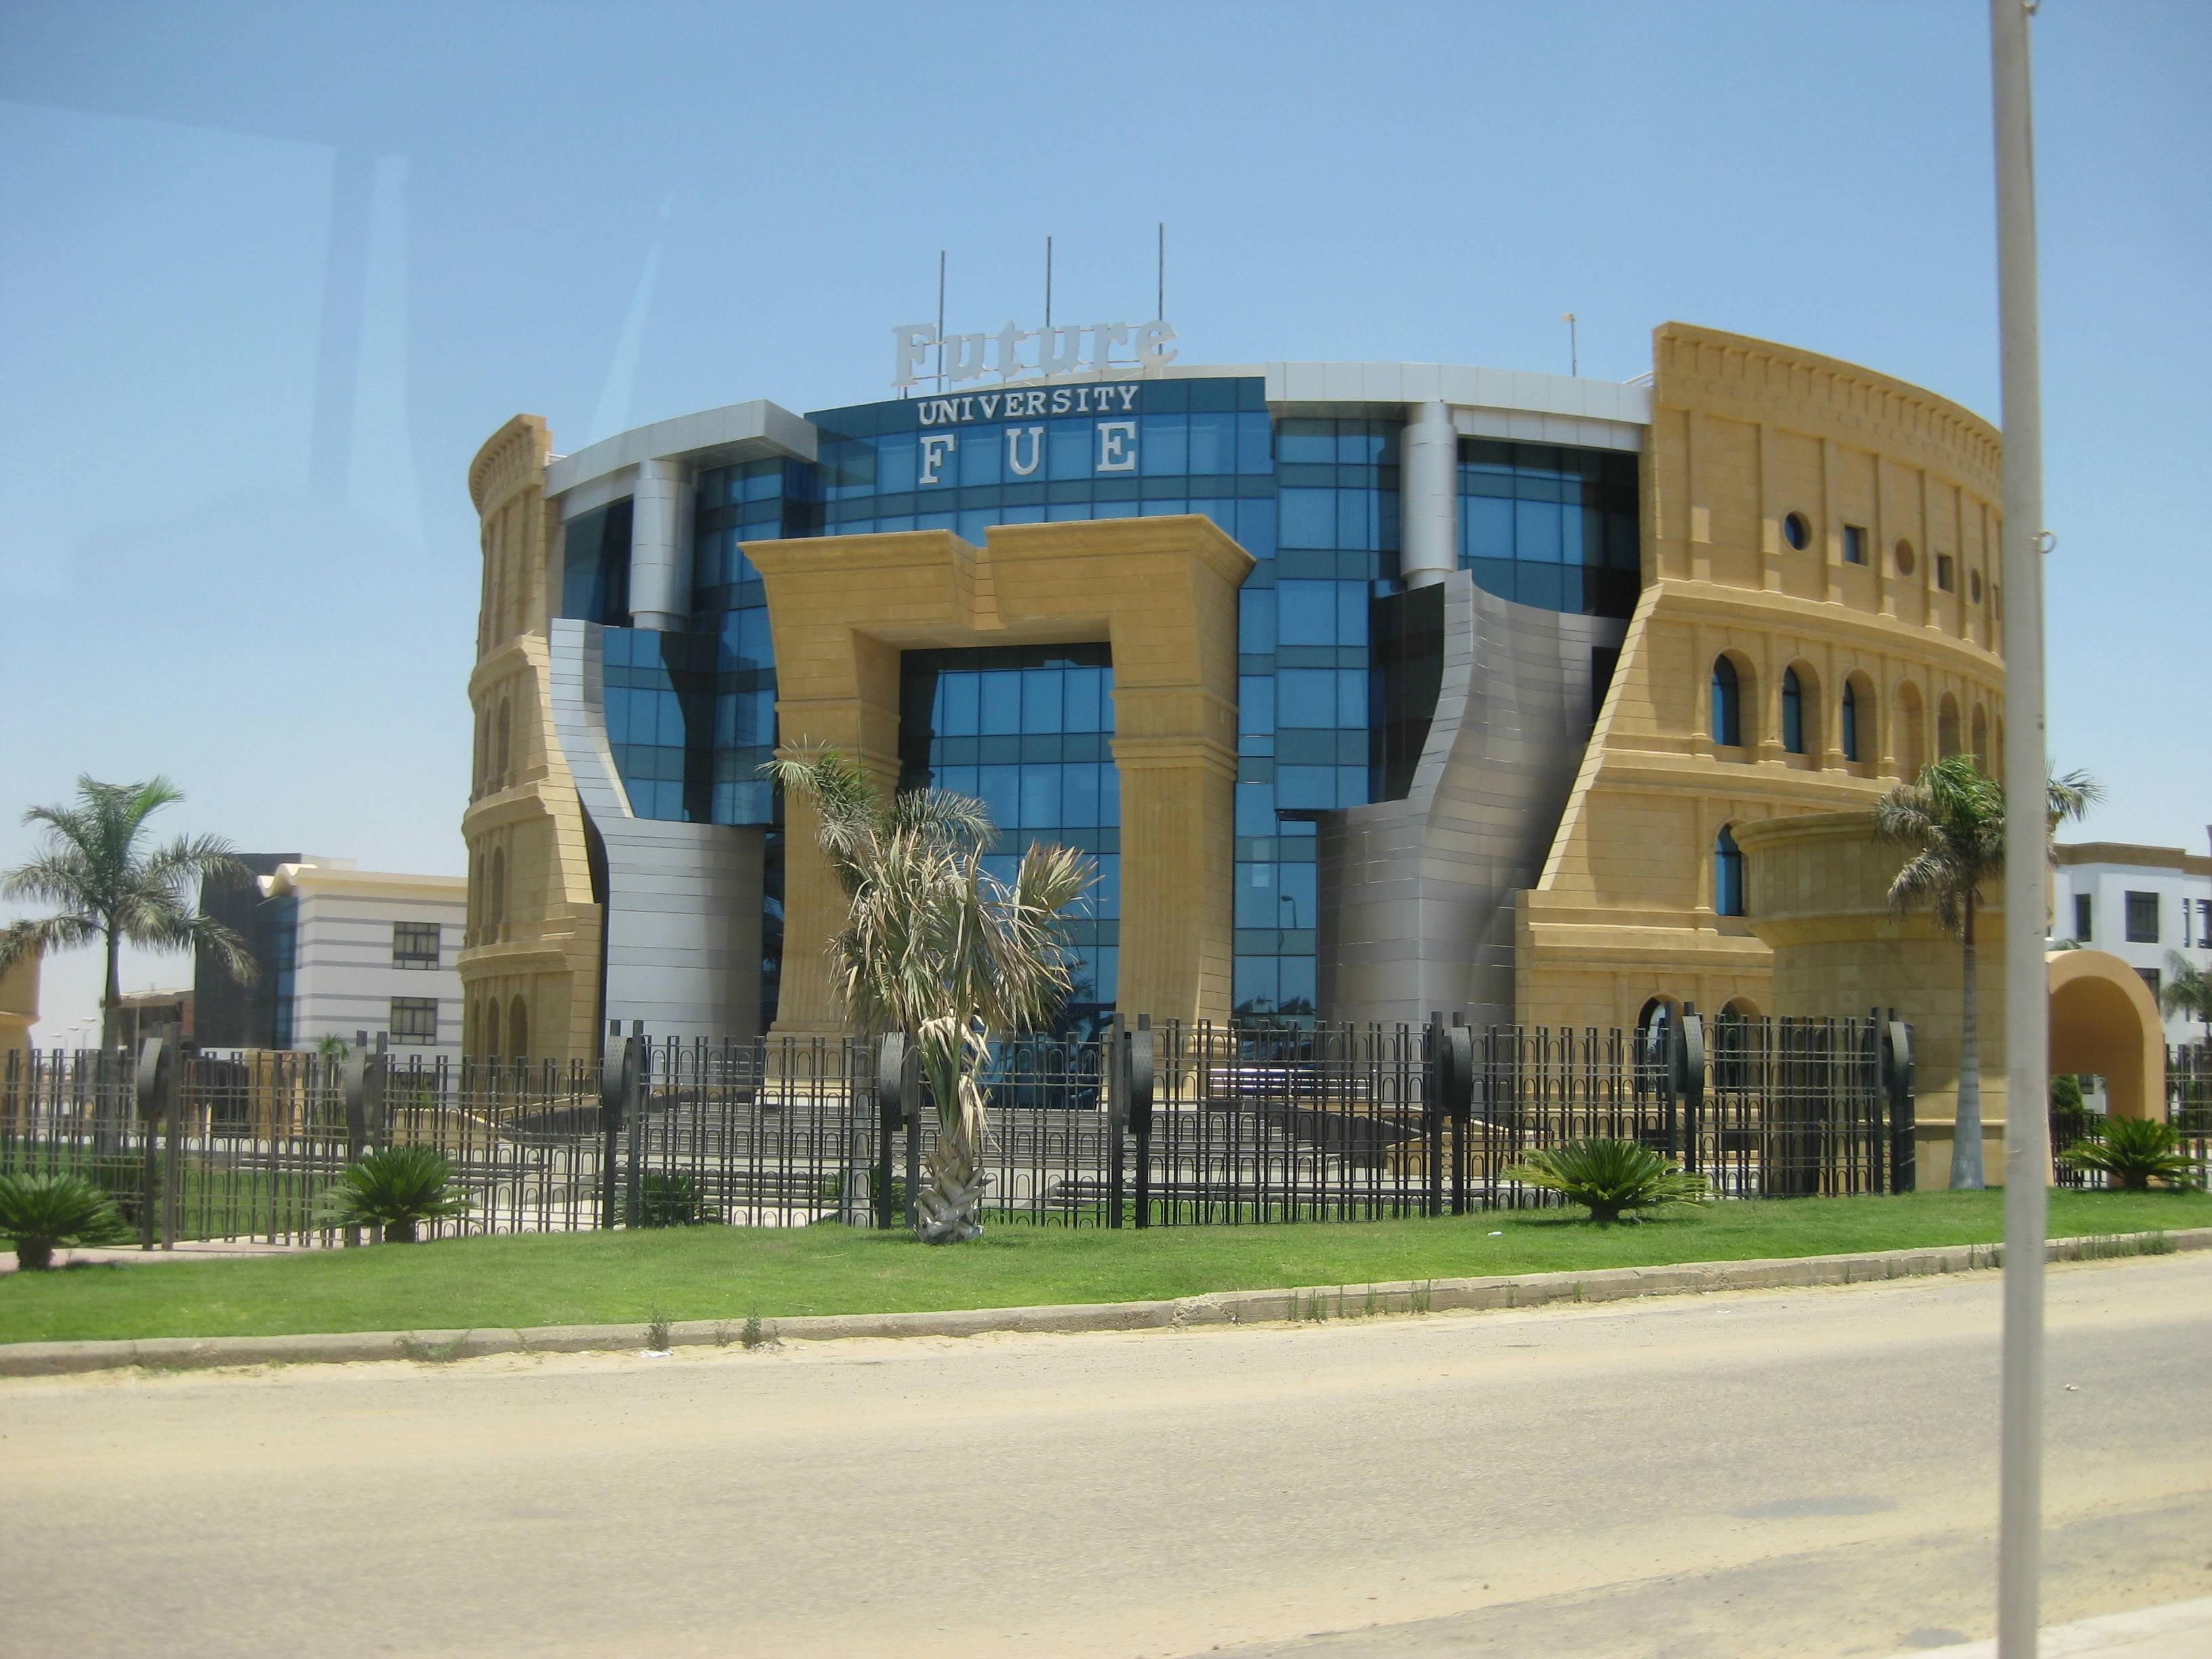 اسعار كليات جامعة المستقبل في مصر 2019 و مجموع الحد الادني لدخولها